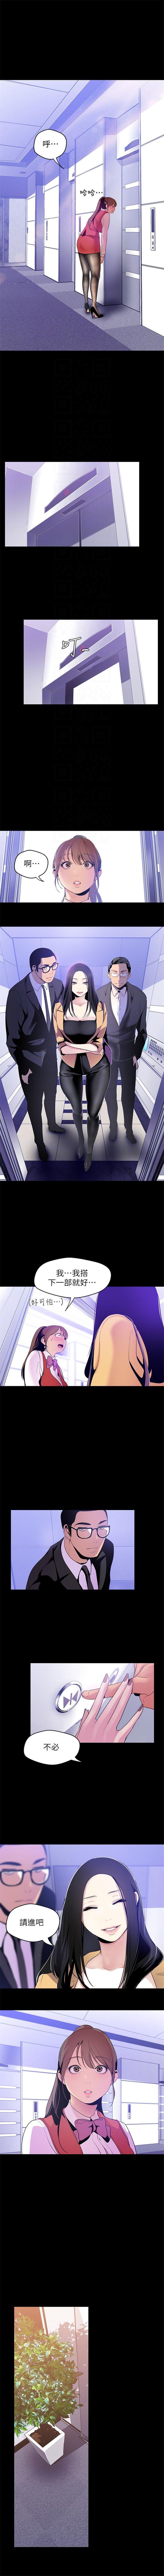 (周6)美丽新世界 1-61 中文翻译 (更新中) 422